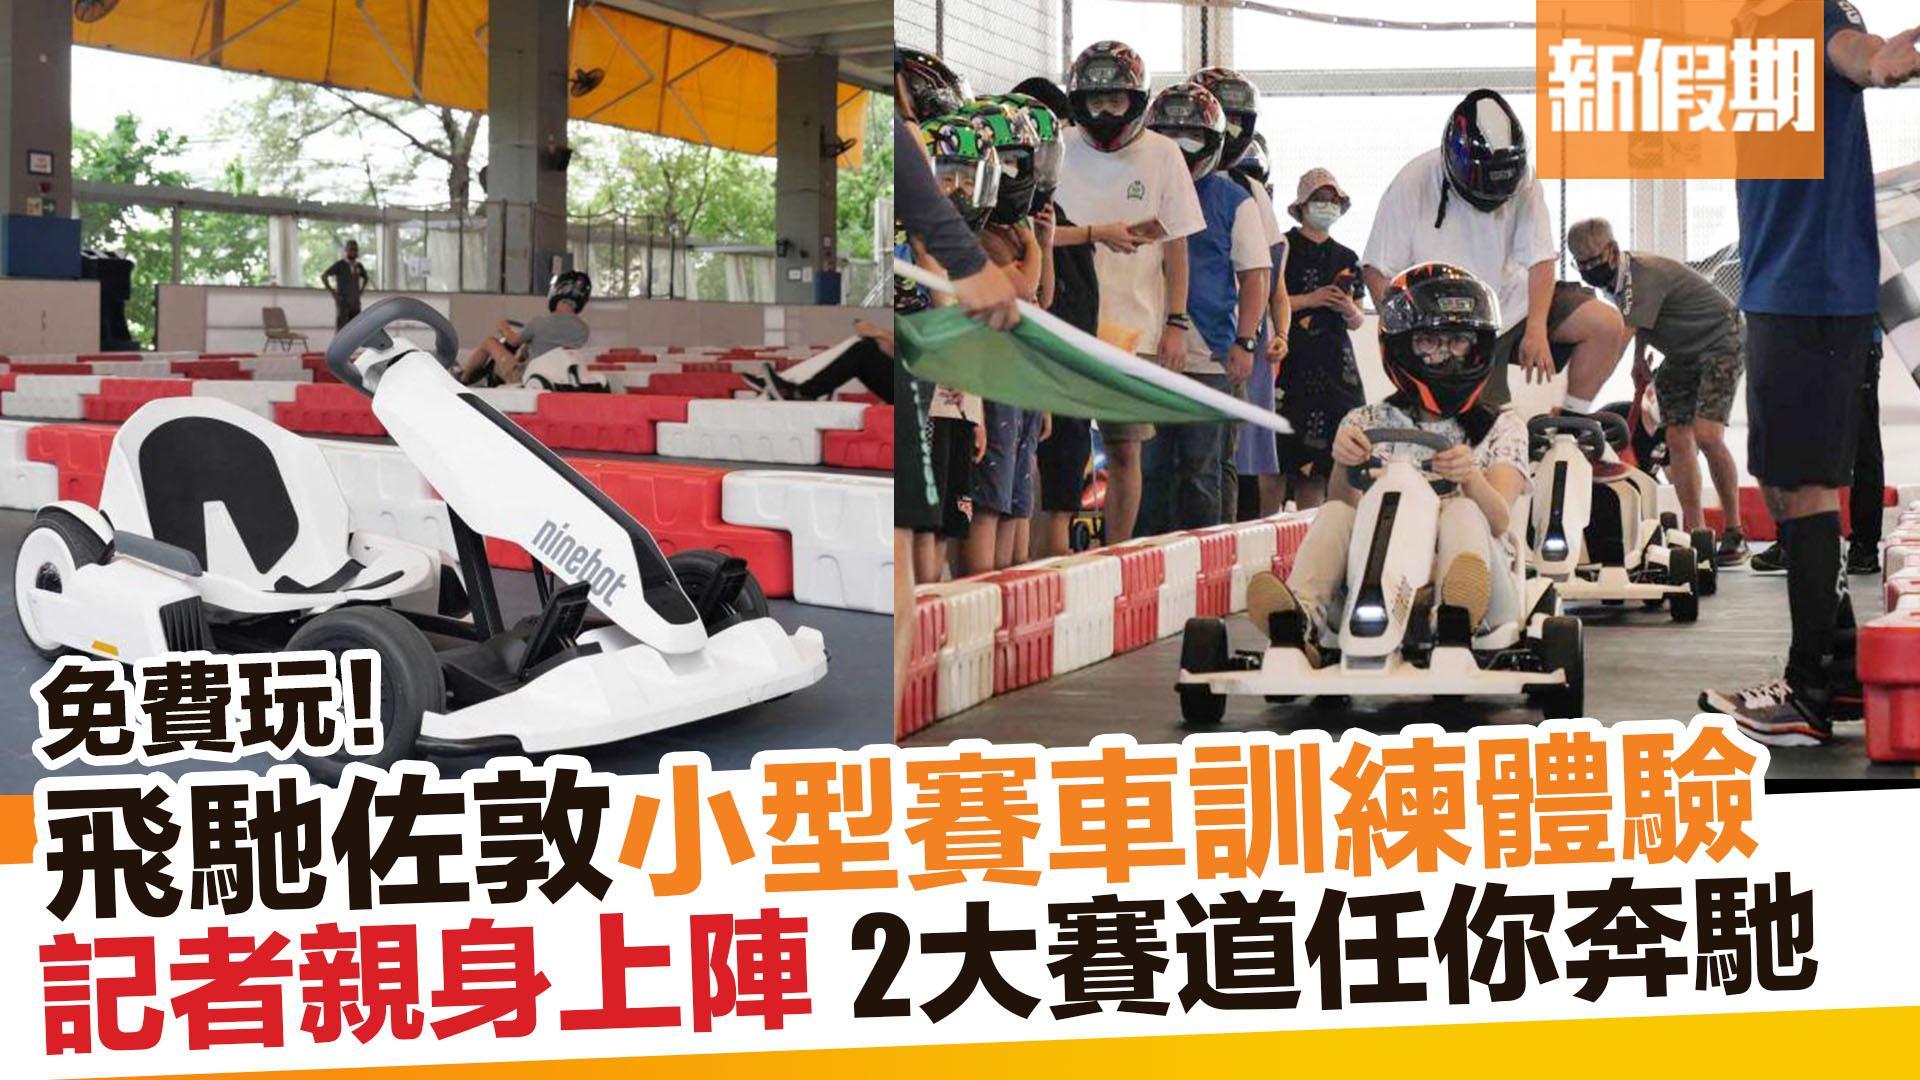 【香港好去處】佐敦小型賽車周末免費任玩 2大賽道體驗頭搖又尾擺  另設賽車模疑器挑戰  新假期